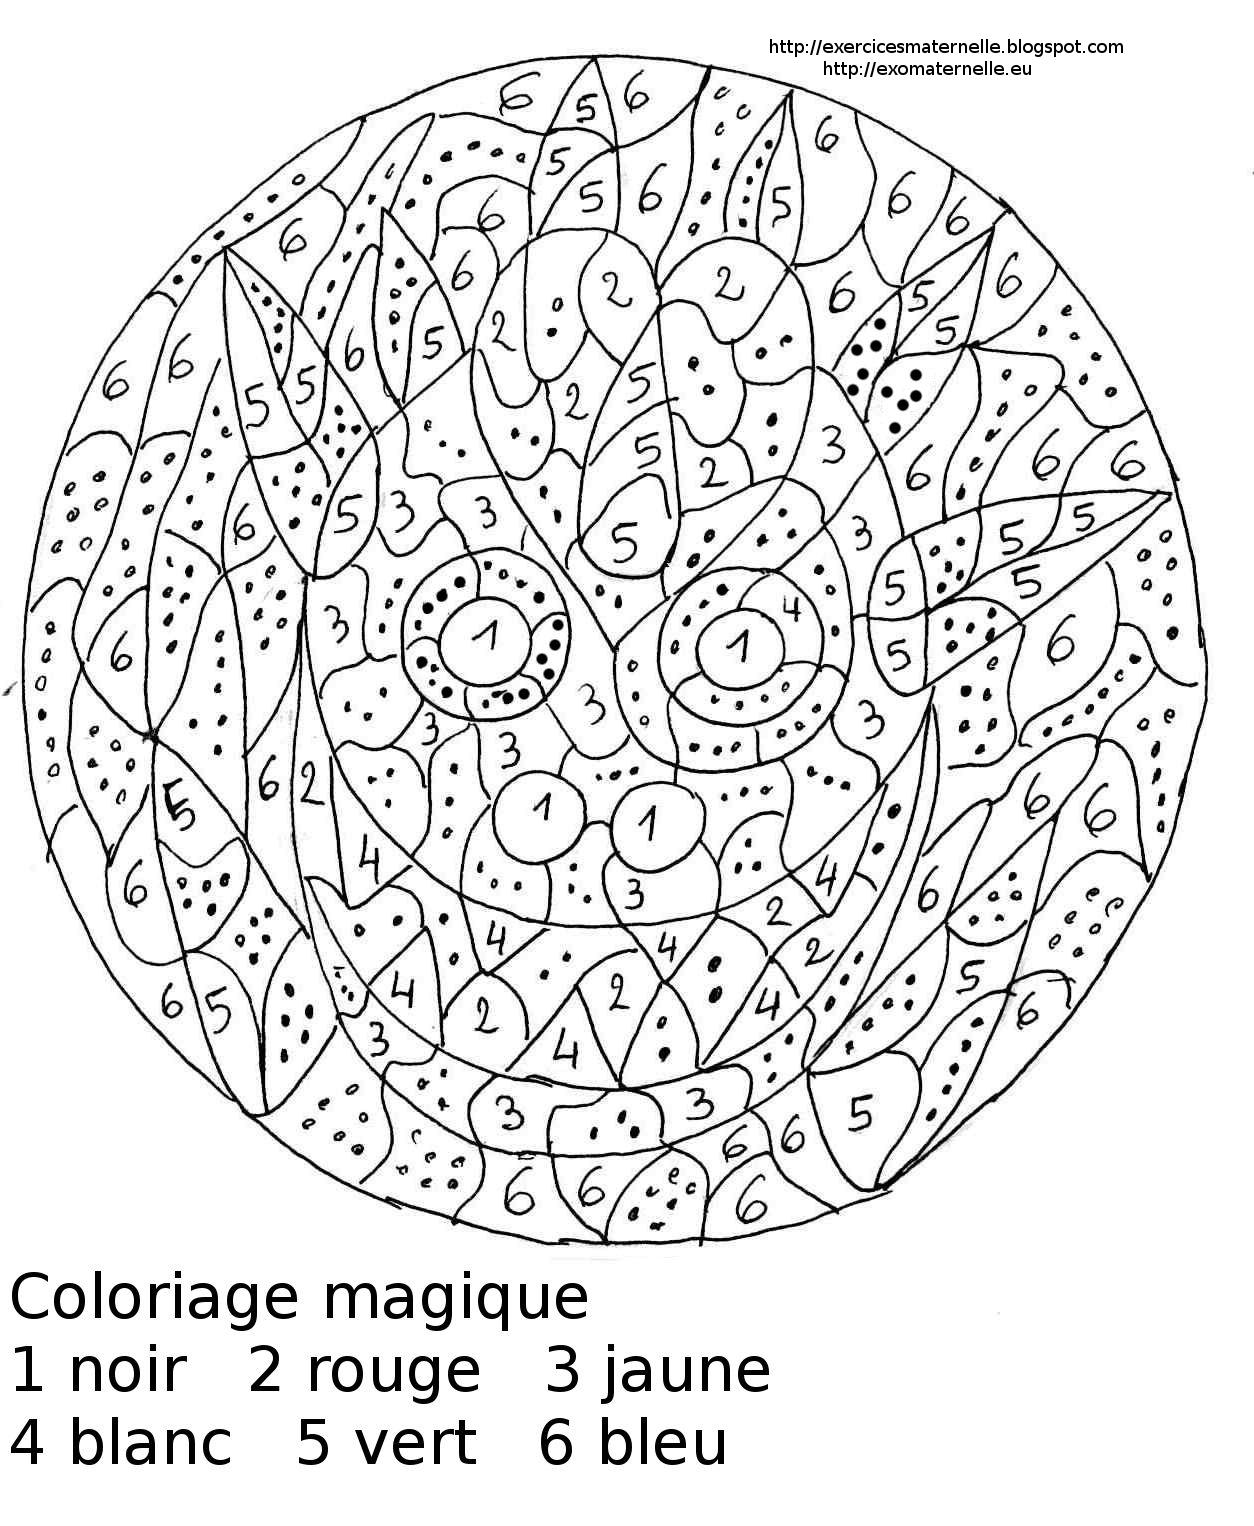 Dessins Gratuits À Colorier - Coloriage Magique Maternelle À dedans Coloriage Codé Maternelle